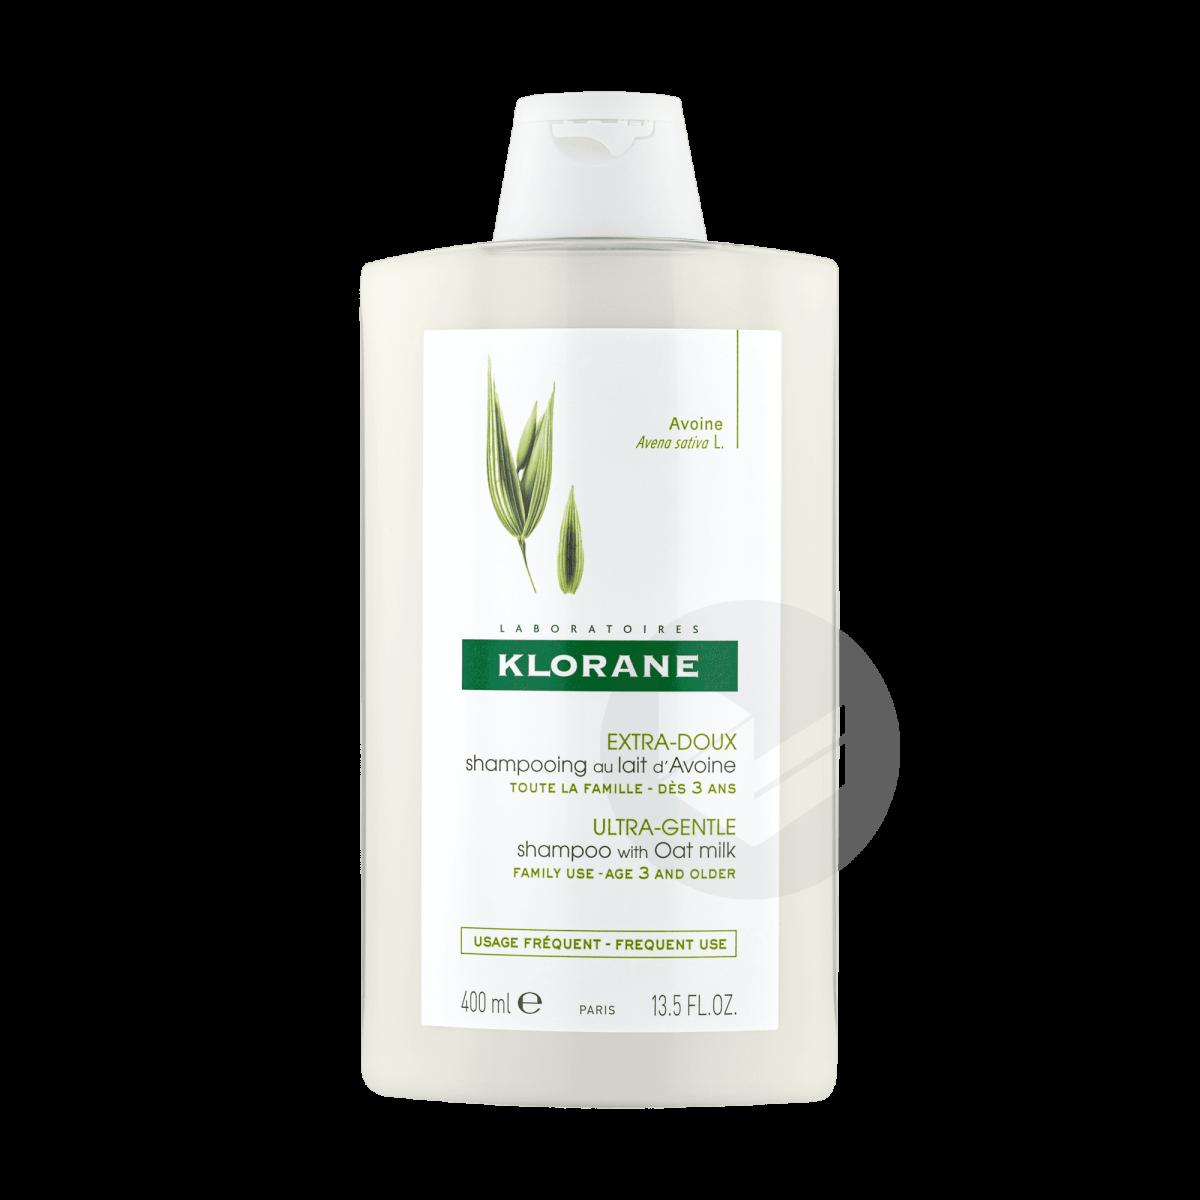 Shampoing Extra-doux au lait d'Avoine 400ml